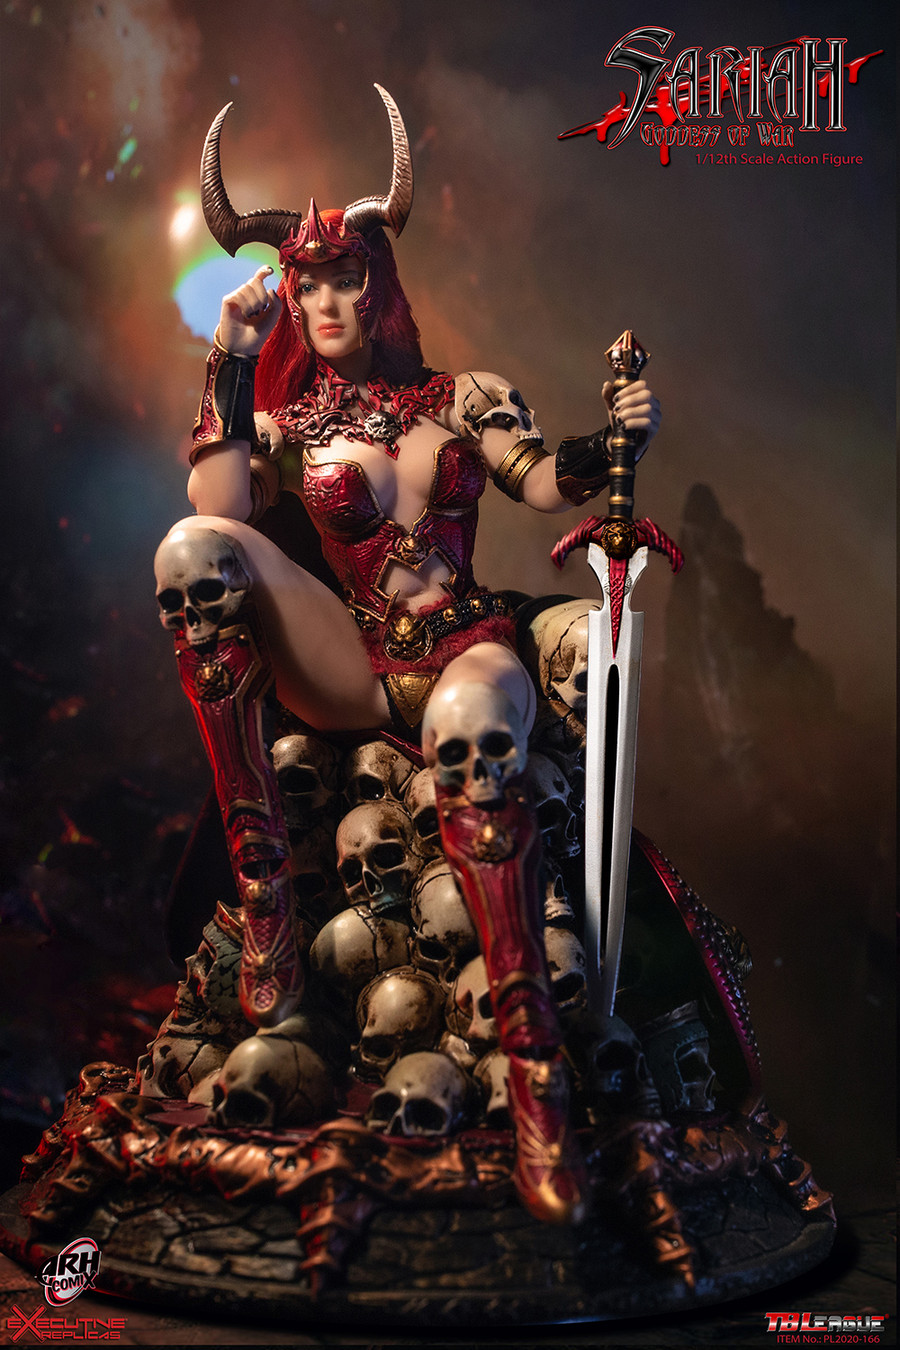 TBLeague - 1/12 Sariah The Goddess of War